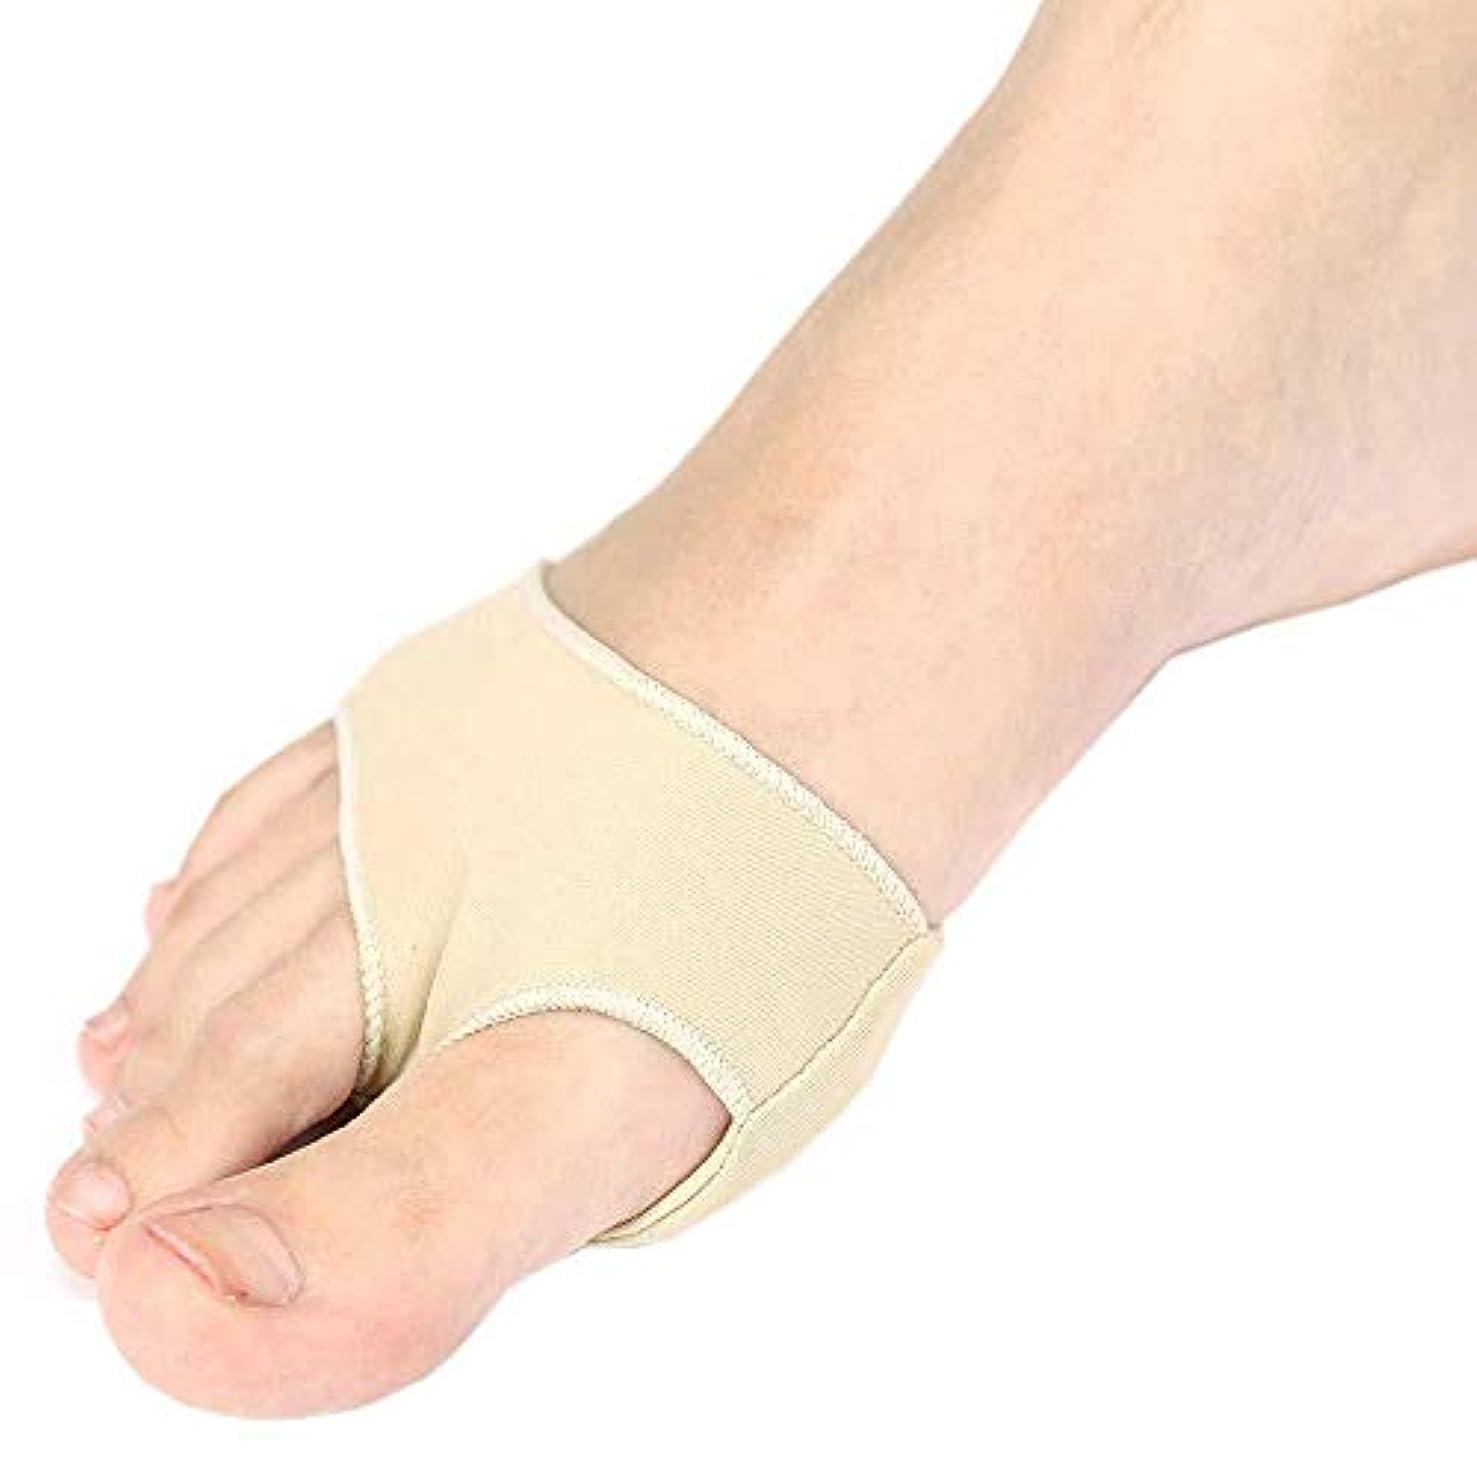 毛布州トラップつま先と外反の分離のためのつま先セパレーター、足の親指矯正器、つま先矯正器、装具つま先セパレーター,L